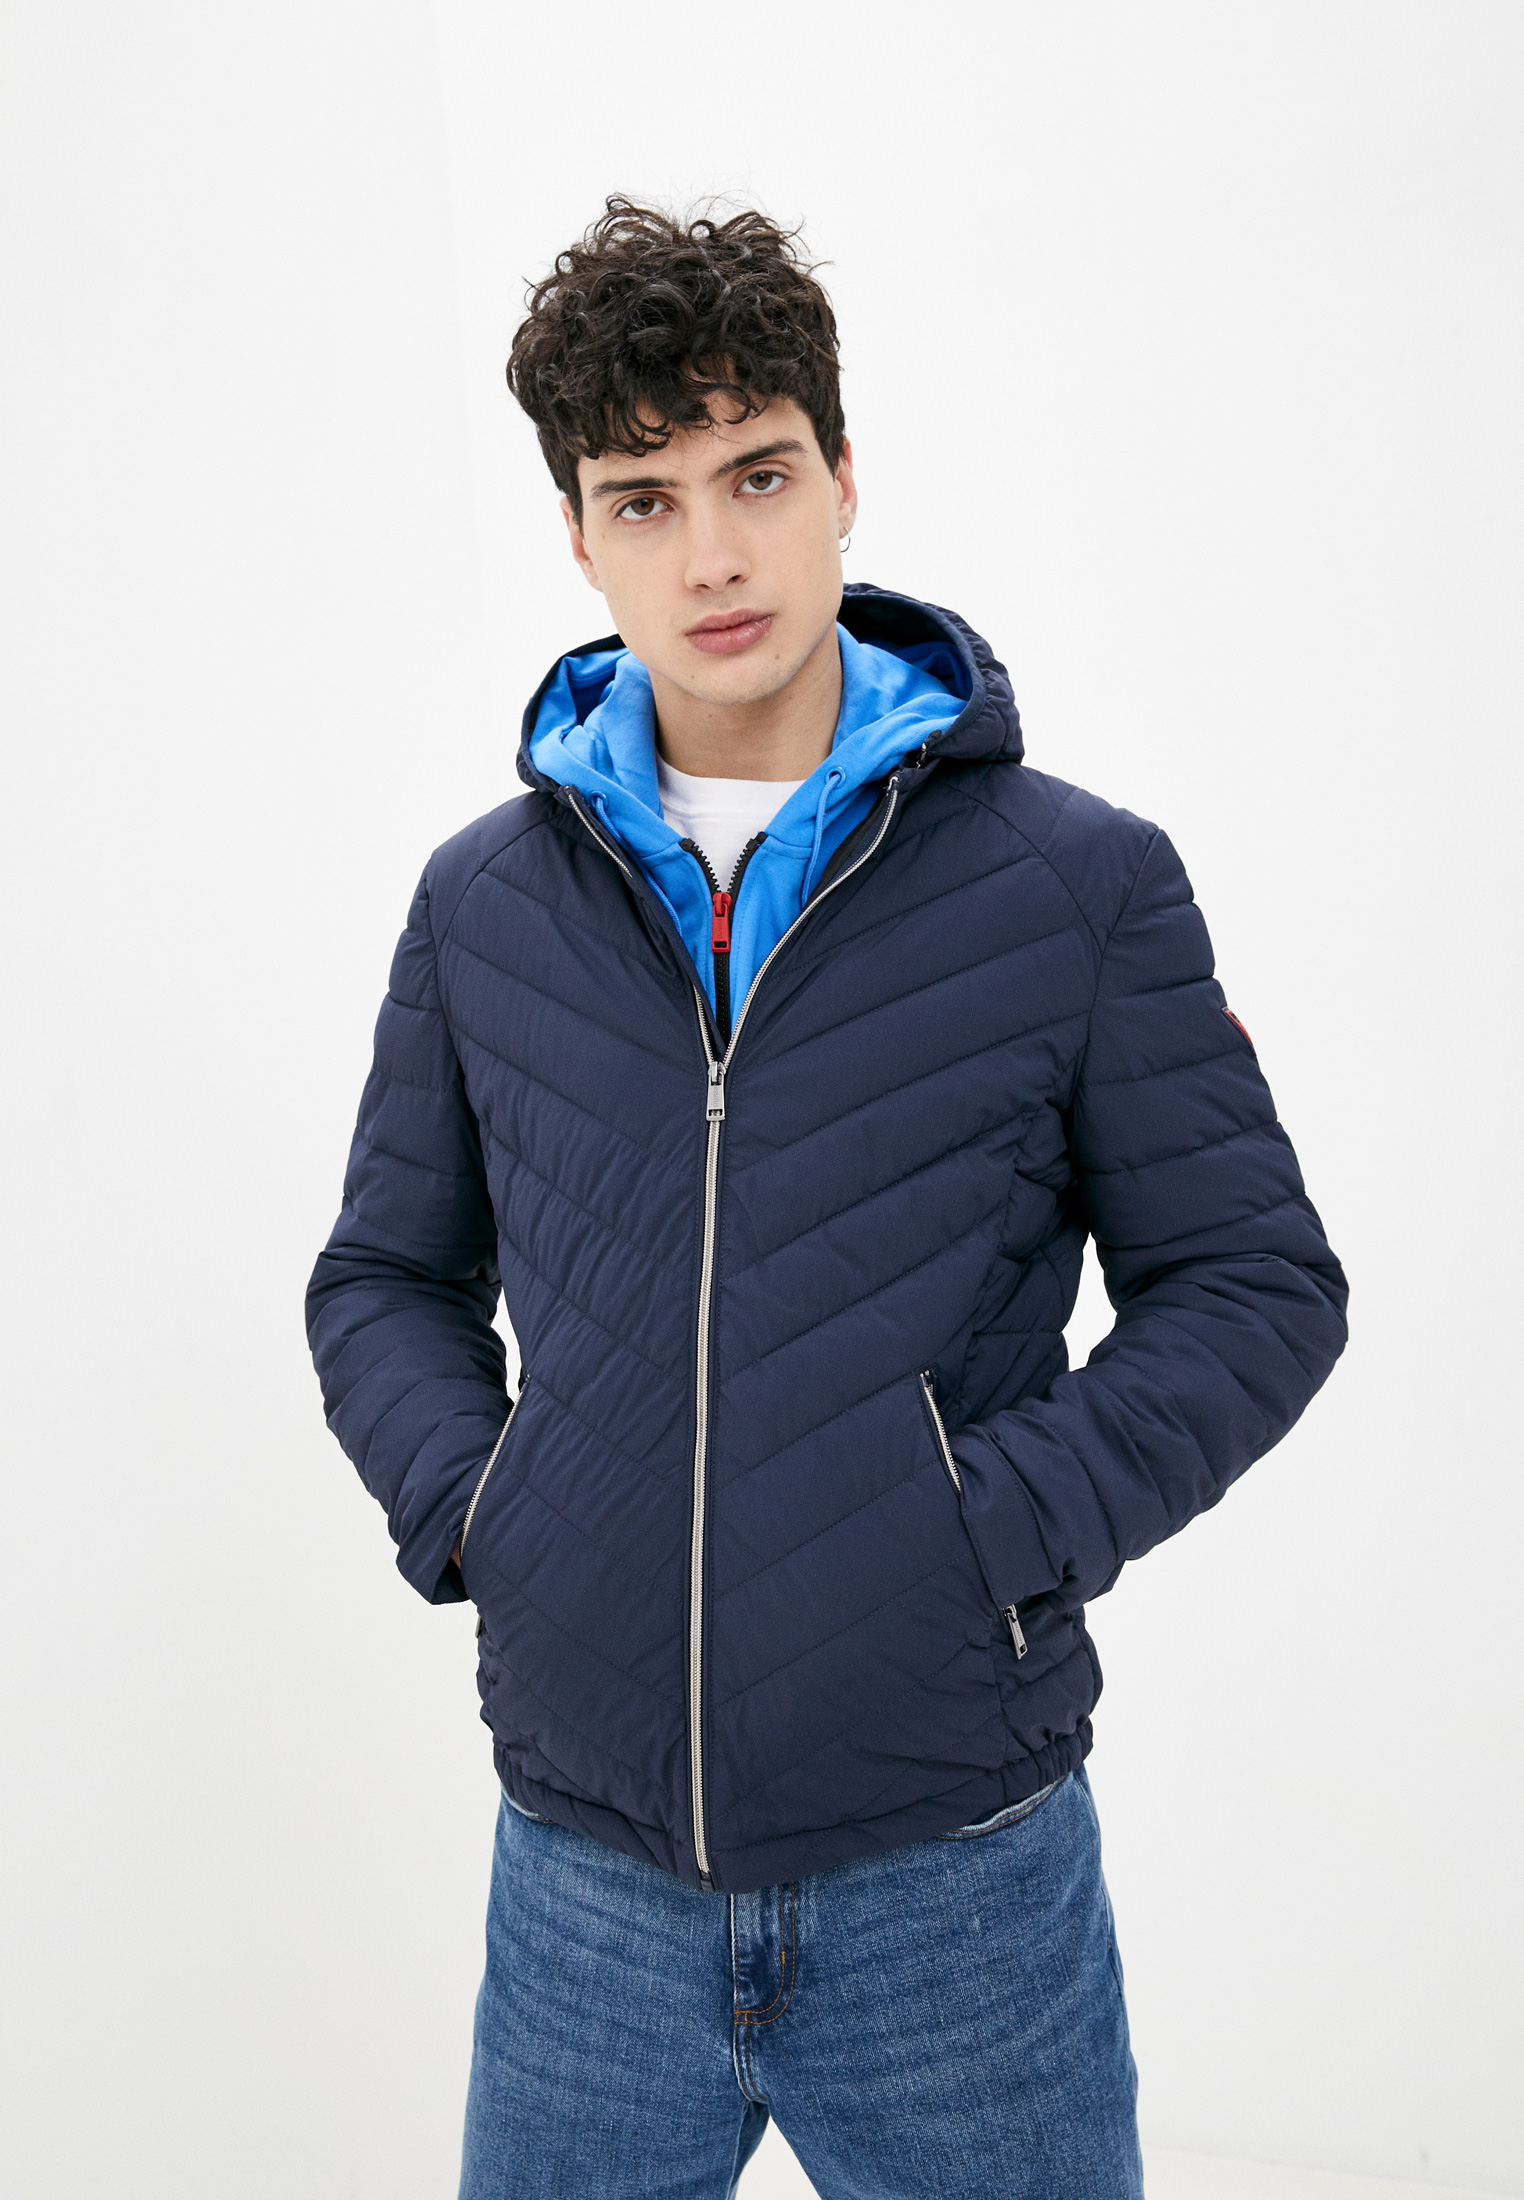 Утепленная куртка Guess Jeans Куртка утепленная Guess Jeans